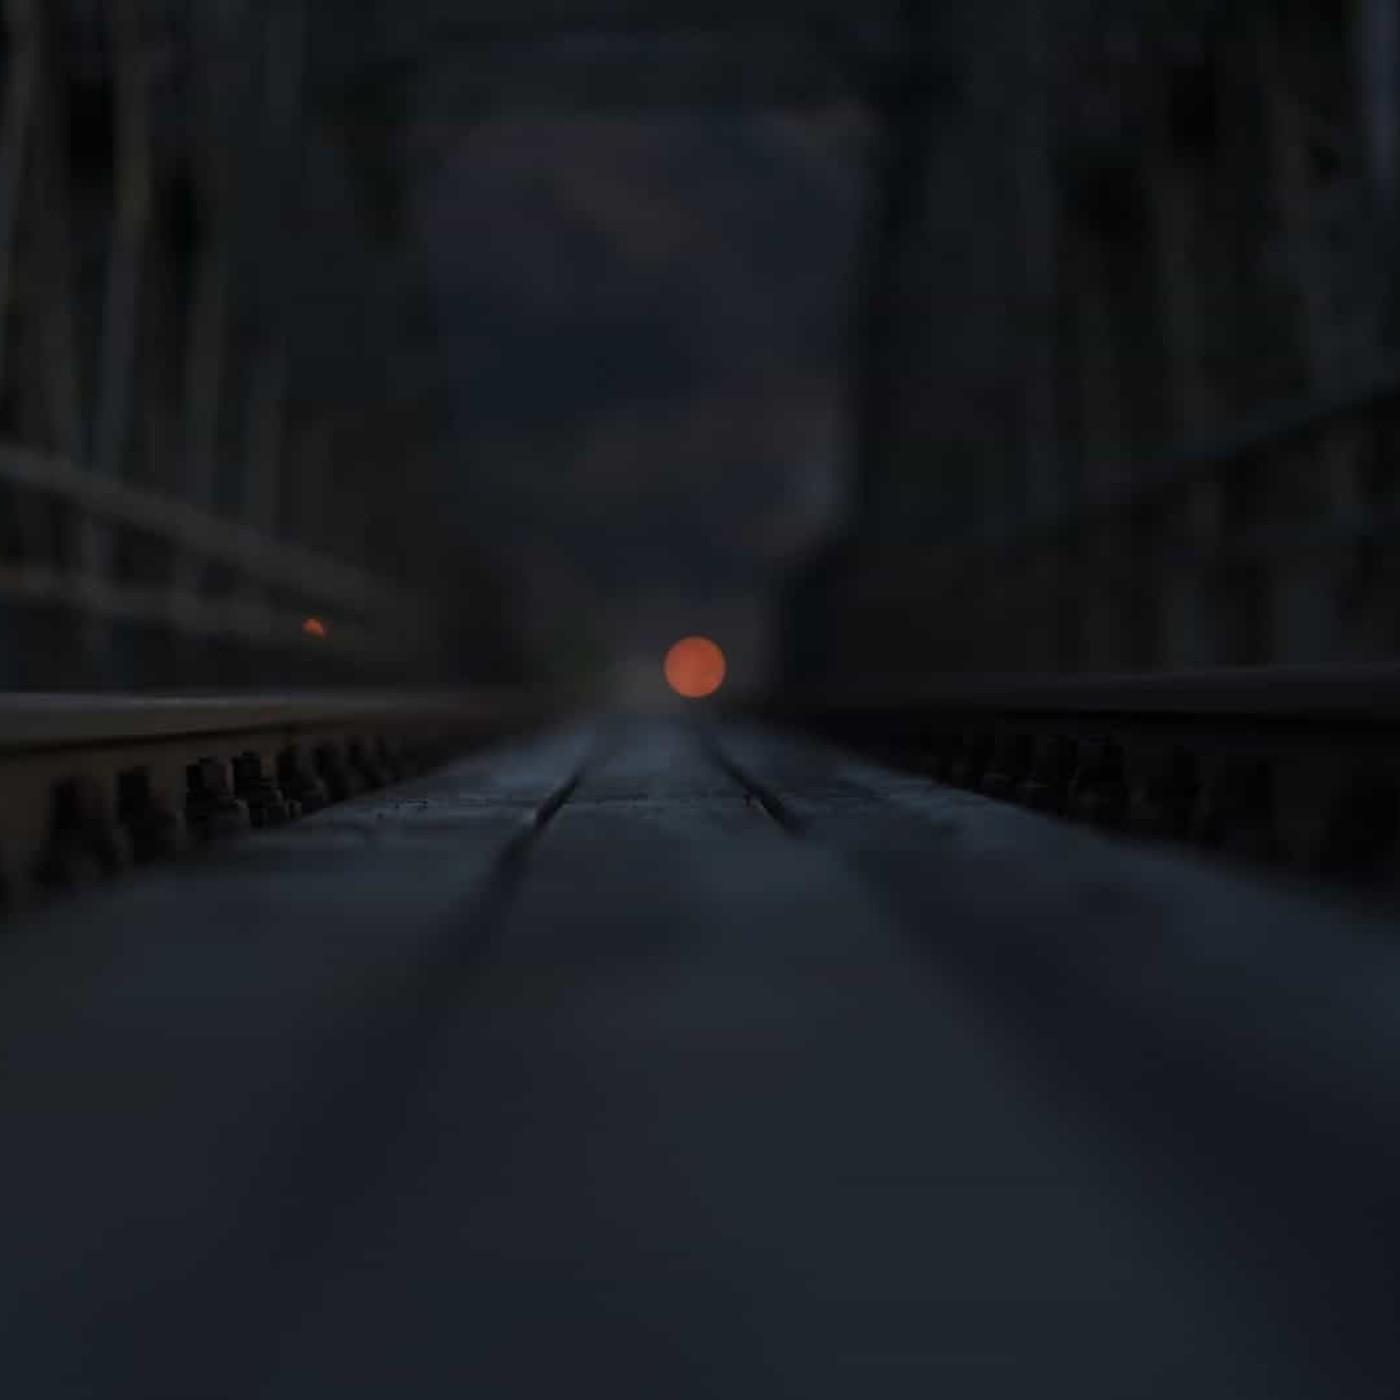 Miedo a la oscuridad y al silencio